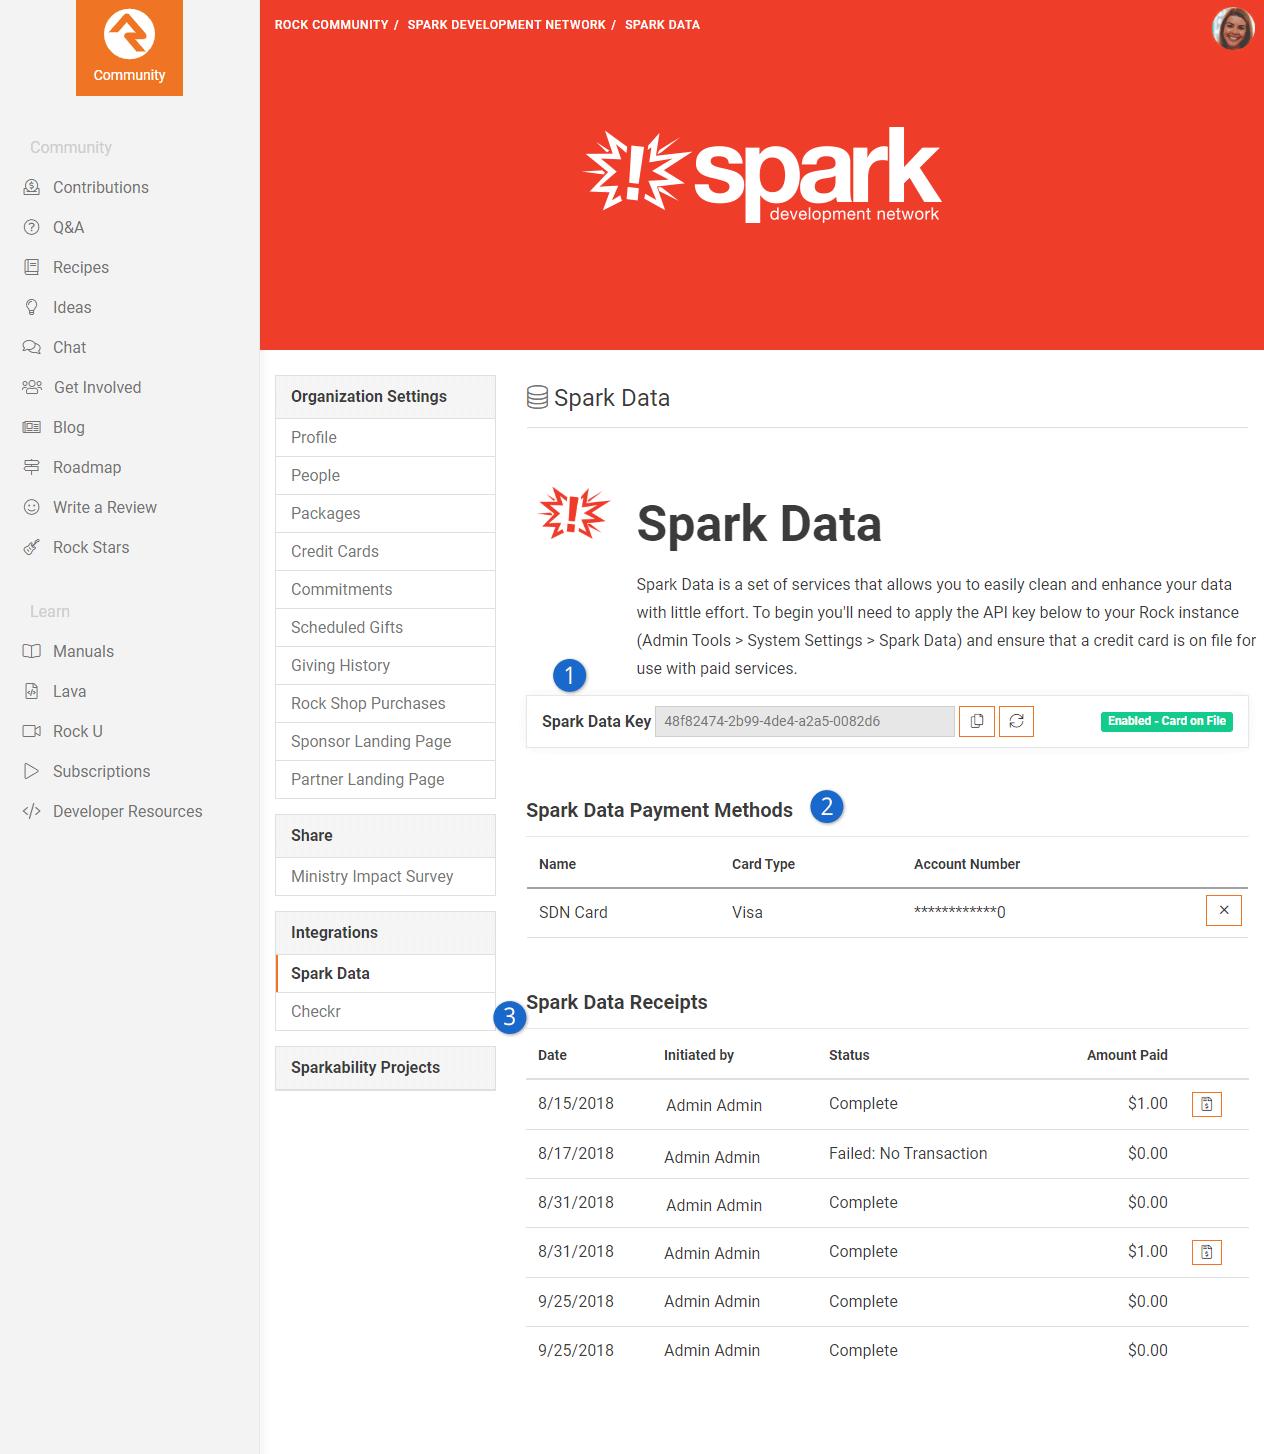 Spark Data Setup